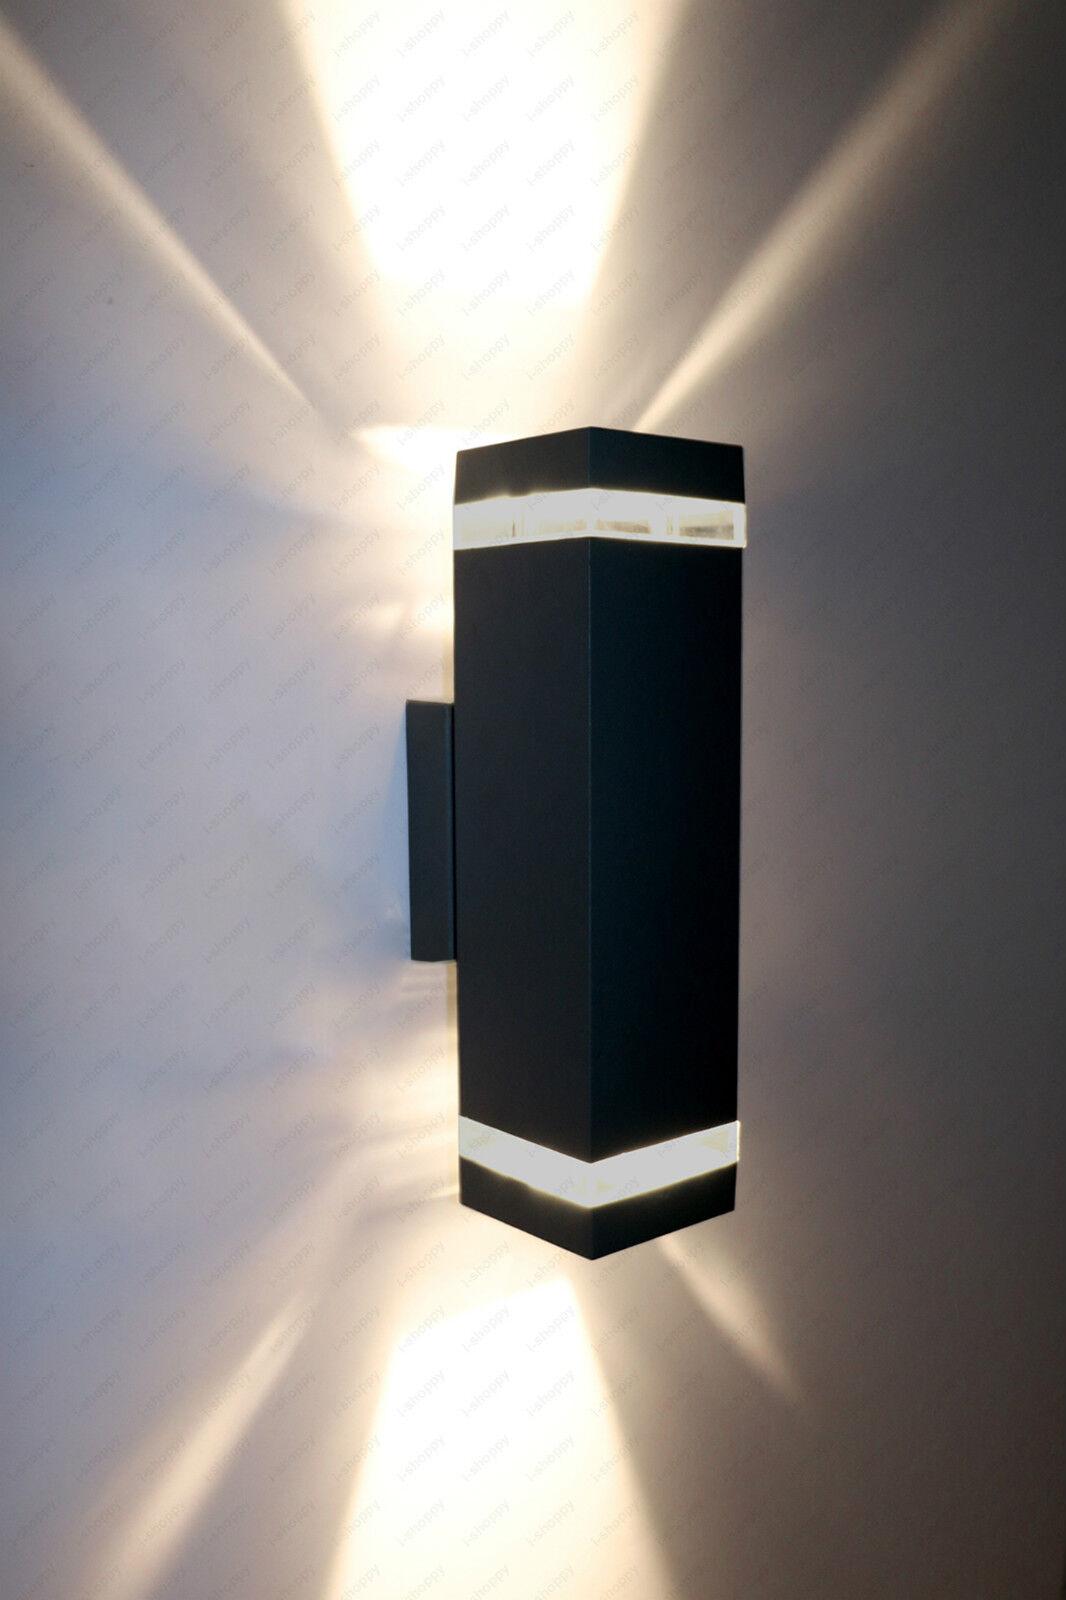 8w 14w Led Exterior súperior inferior Parojo Apliques Lámpara E27 Lámpara Jardín Luz de puerta Luminaria